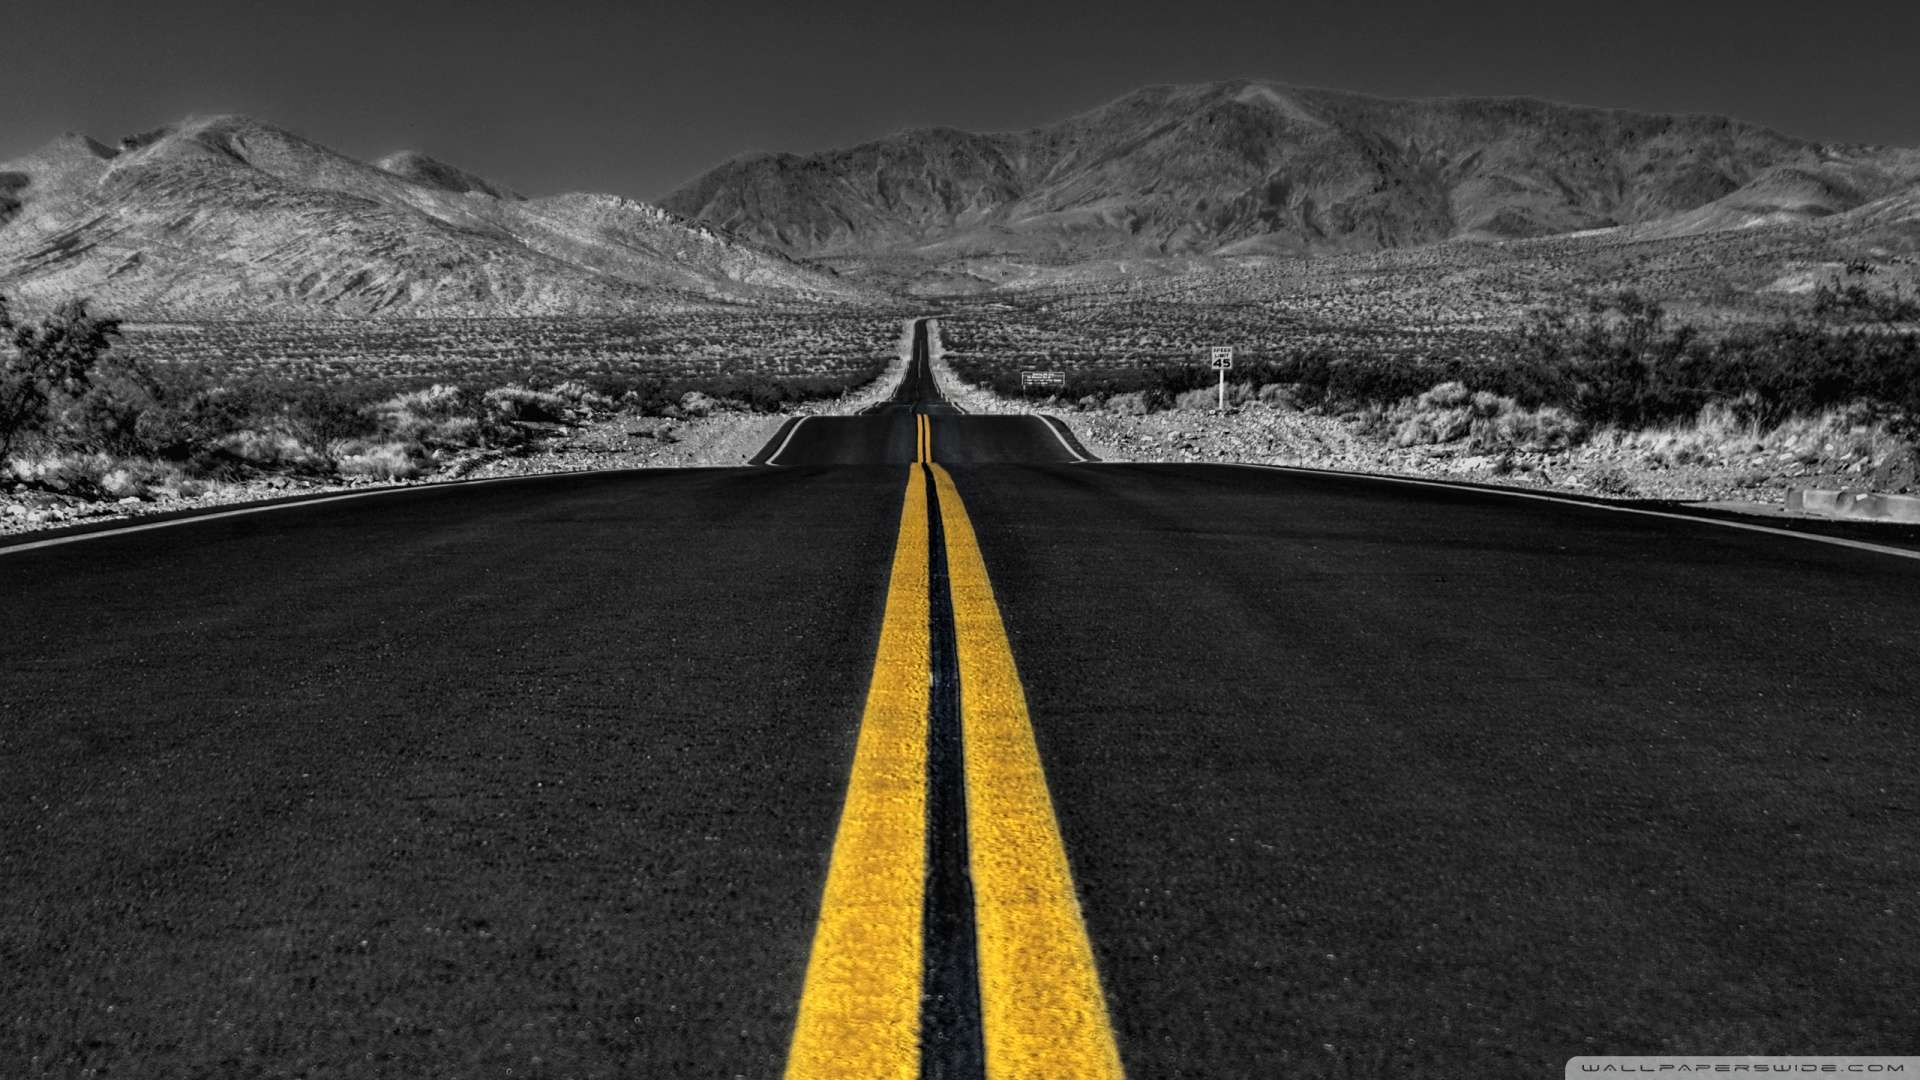 Black Desert HD Wallpaper - WallpaperSafari